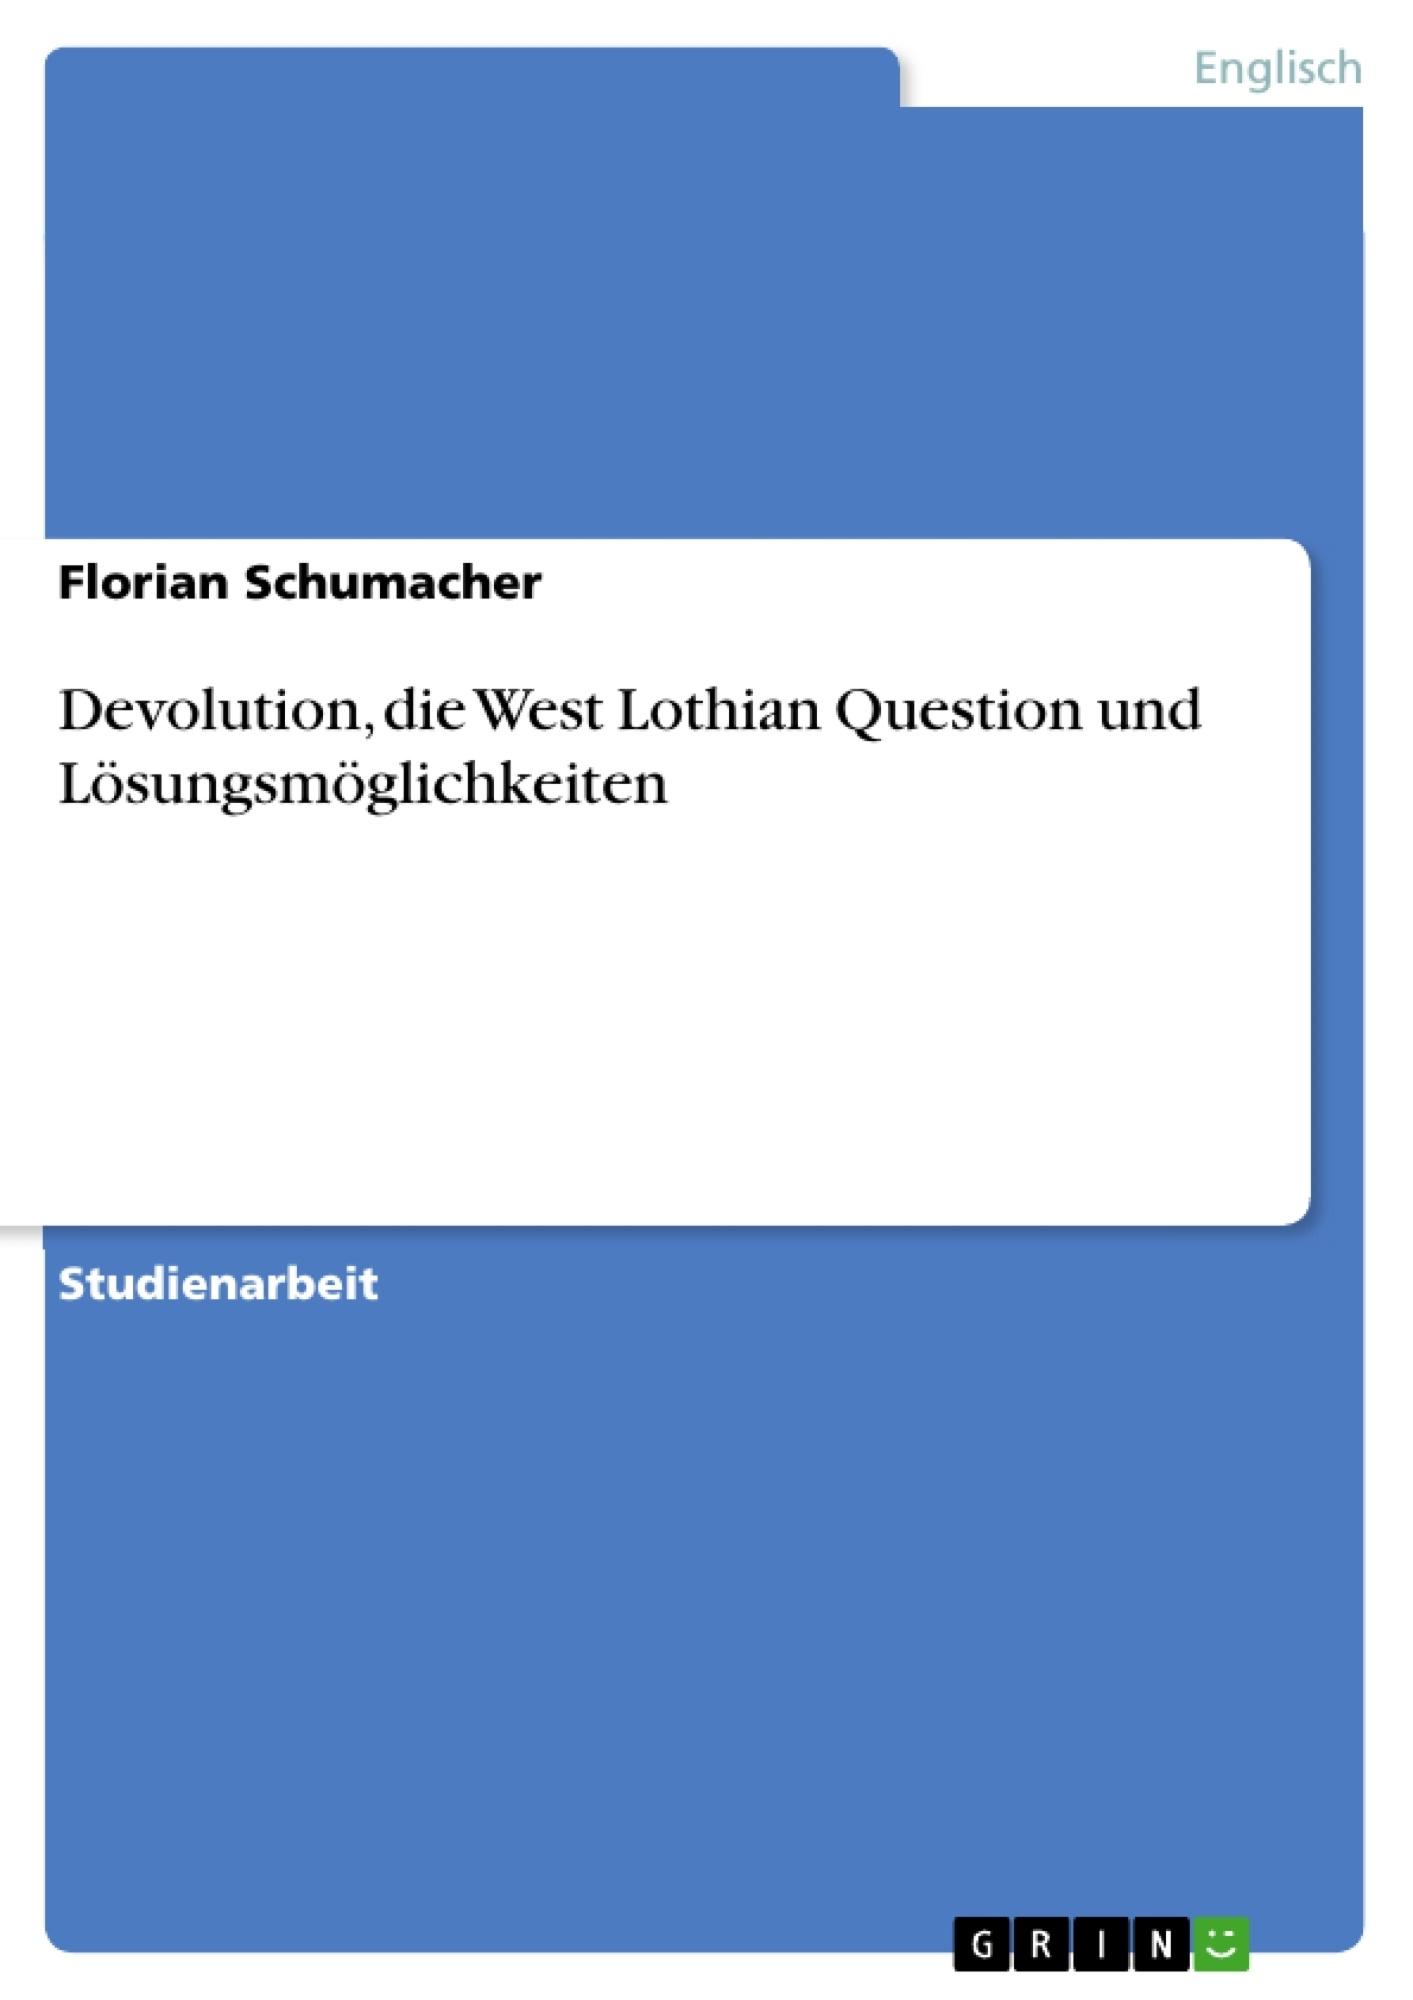 Titel: Devolution, die West Lothian Question und Lösungsmöglichkeiten